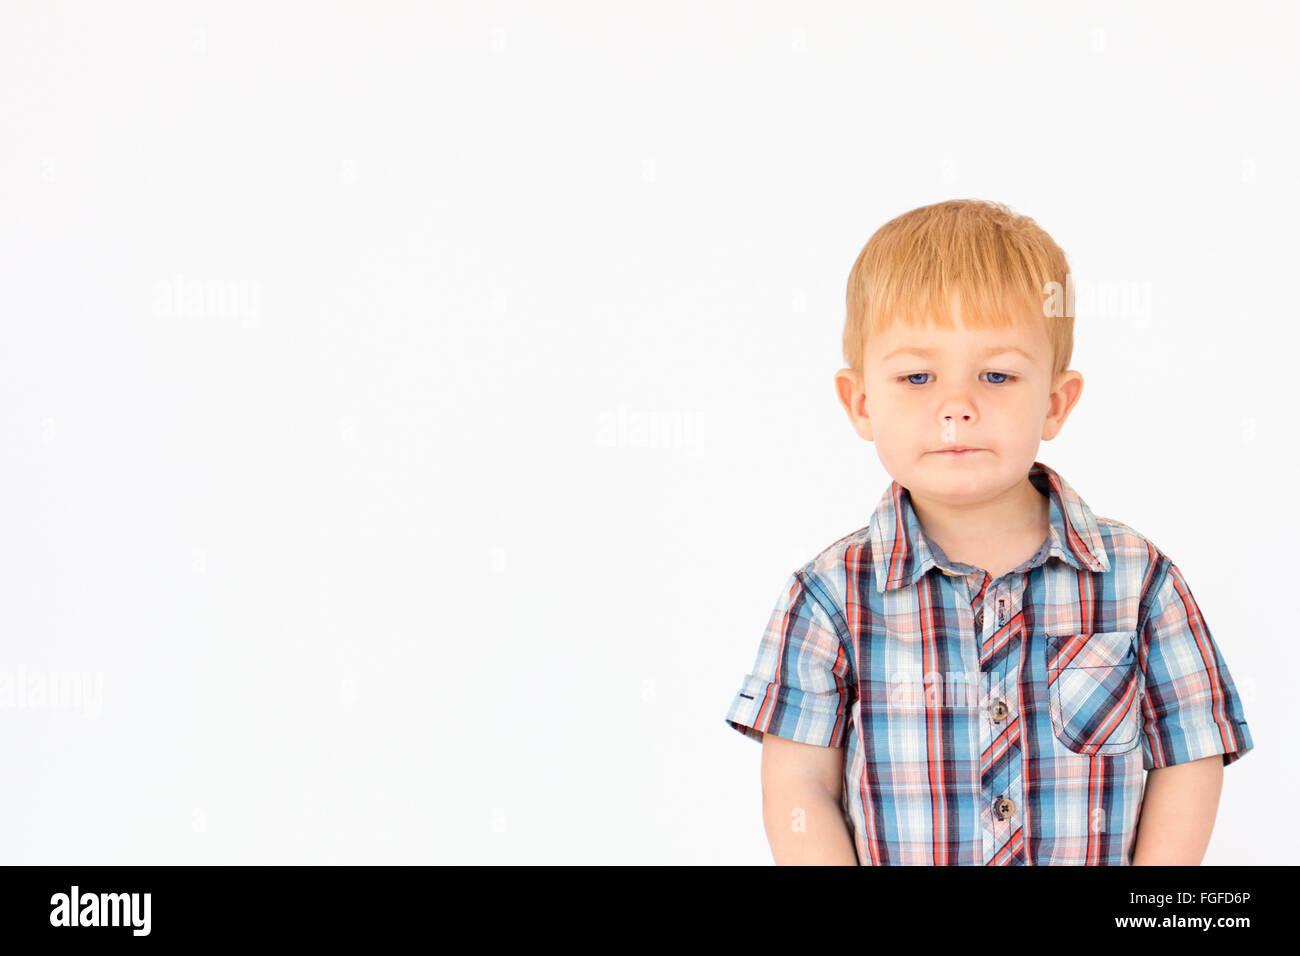 Portrait d'un jeune garçon debout sur un fond blanc. Banque D'Images